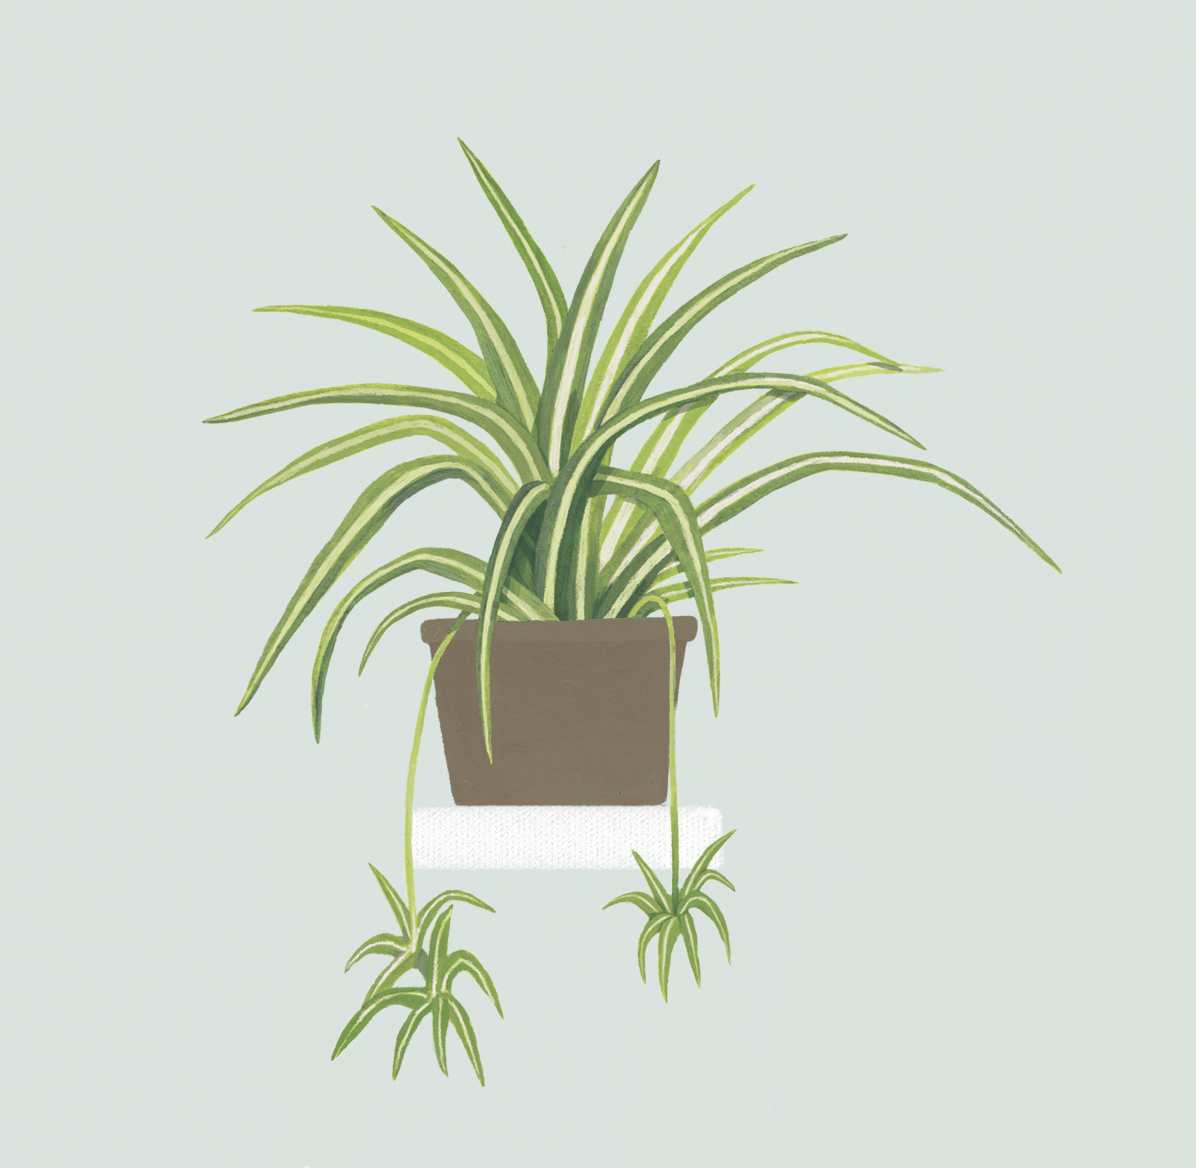 15 plantas que aportarán bienestar y salud a tu casa